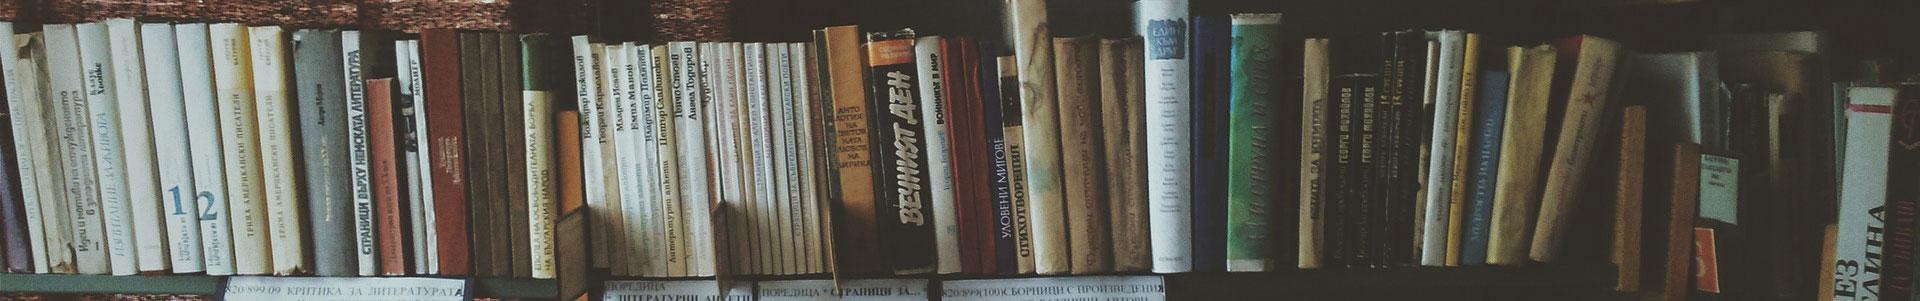 Libreria di una Psicoterapeuta